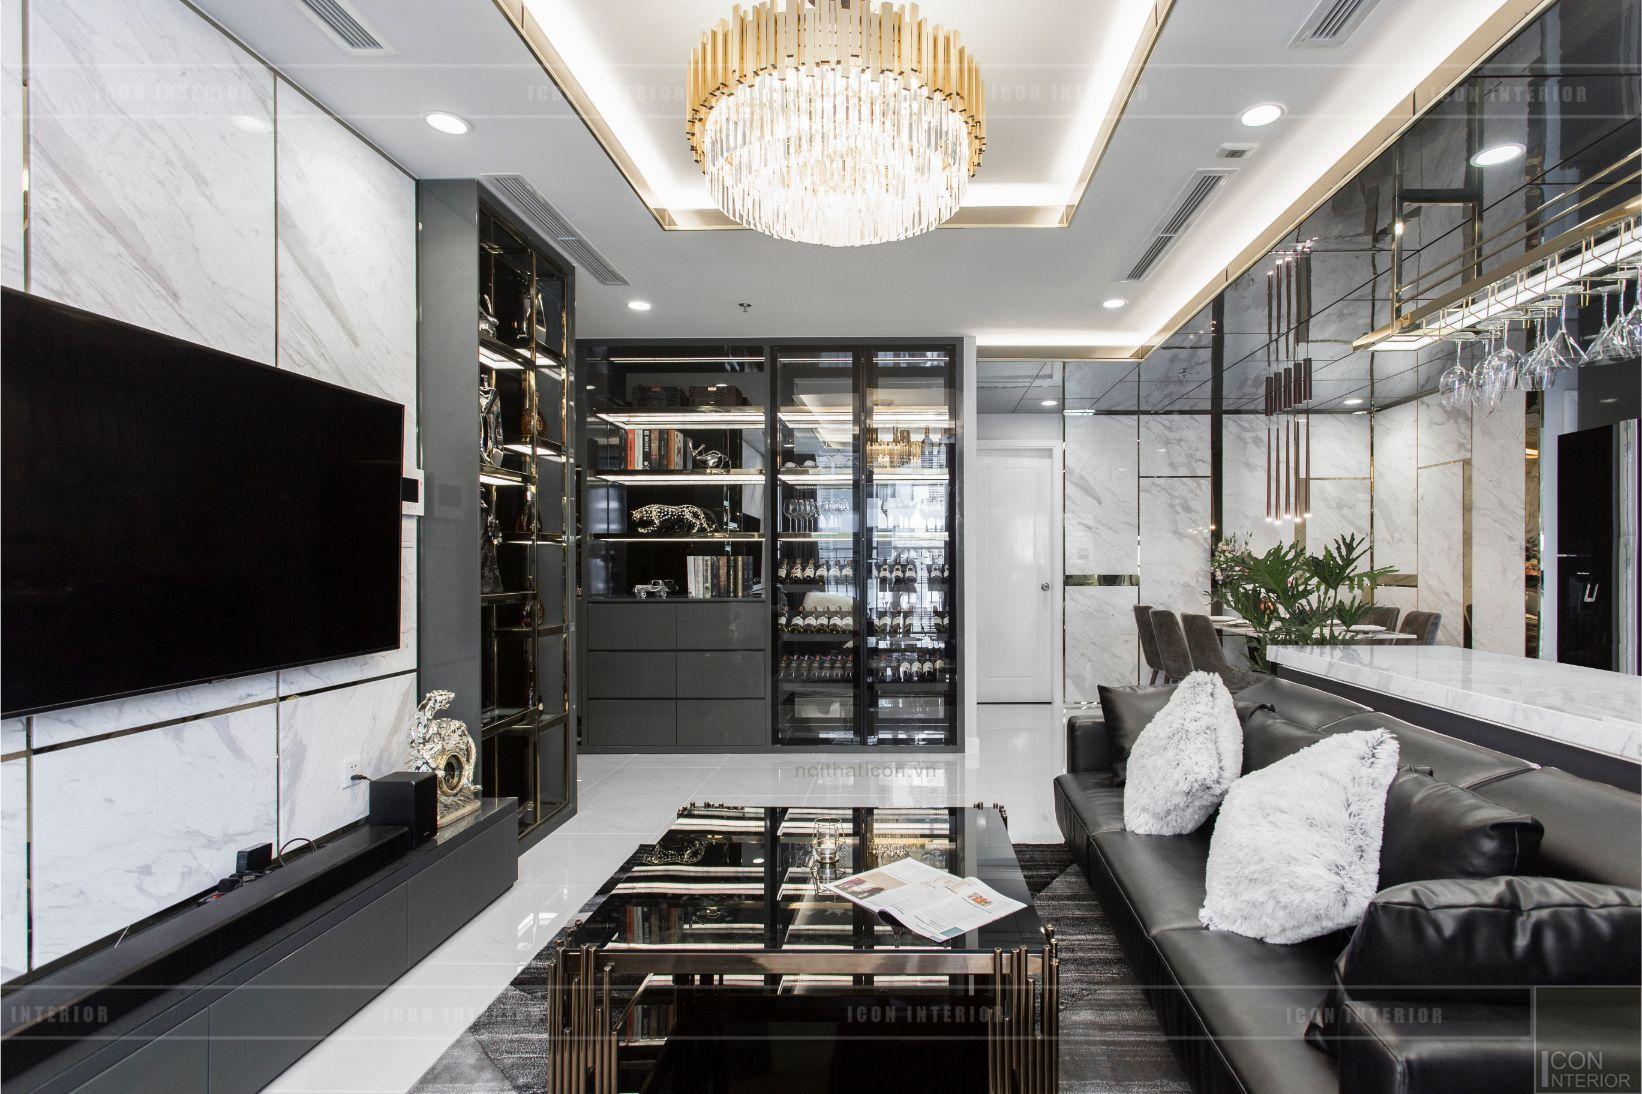 thiết kế thi công nội thất chung cư - phòng khách bếp 4